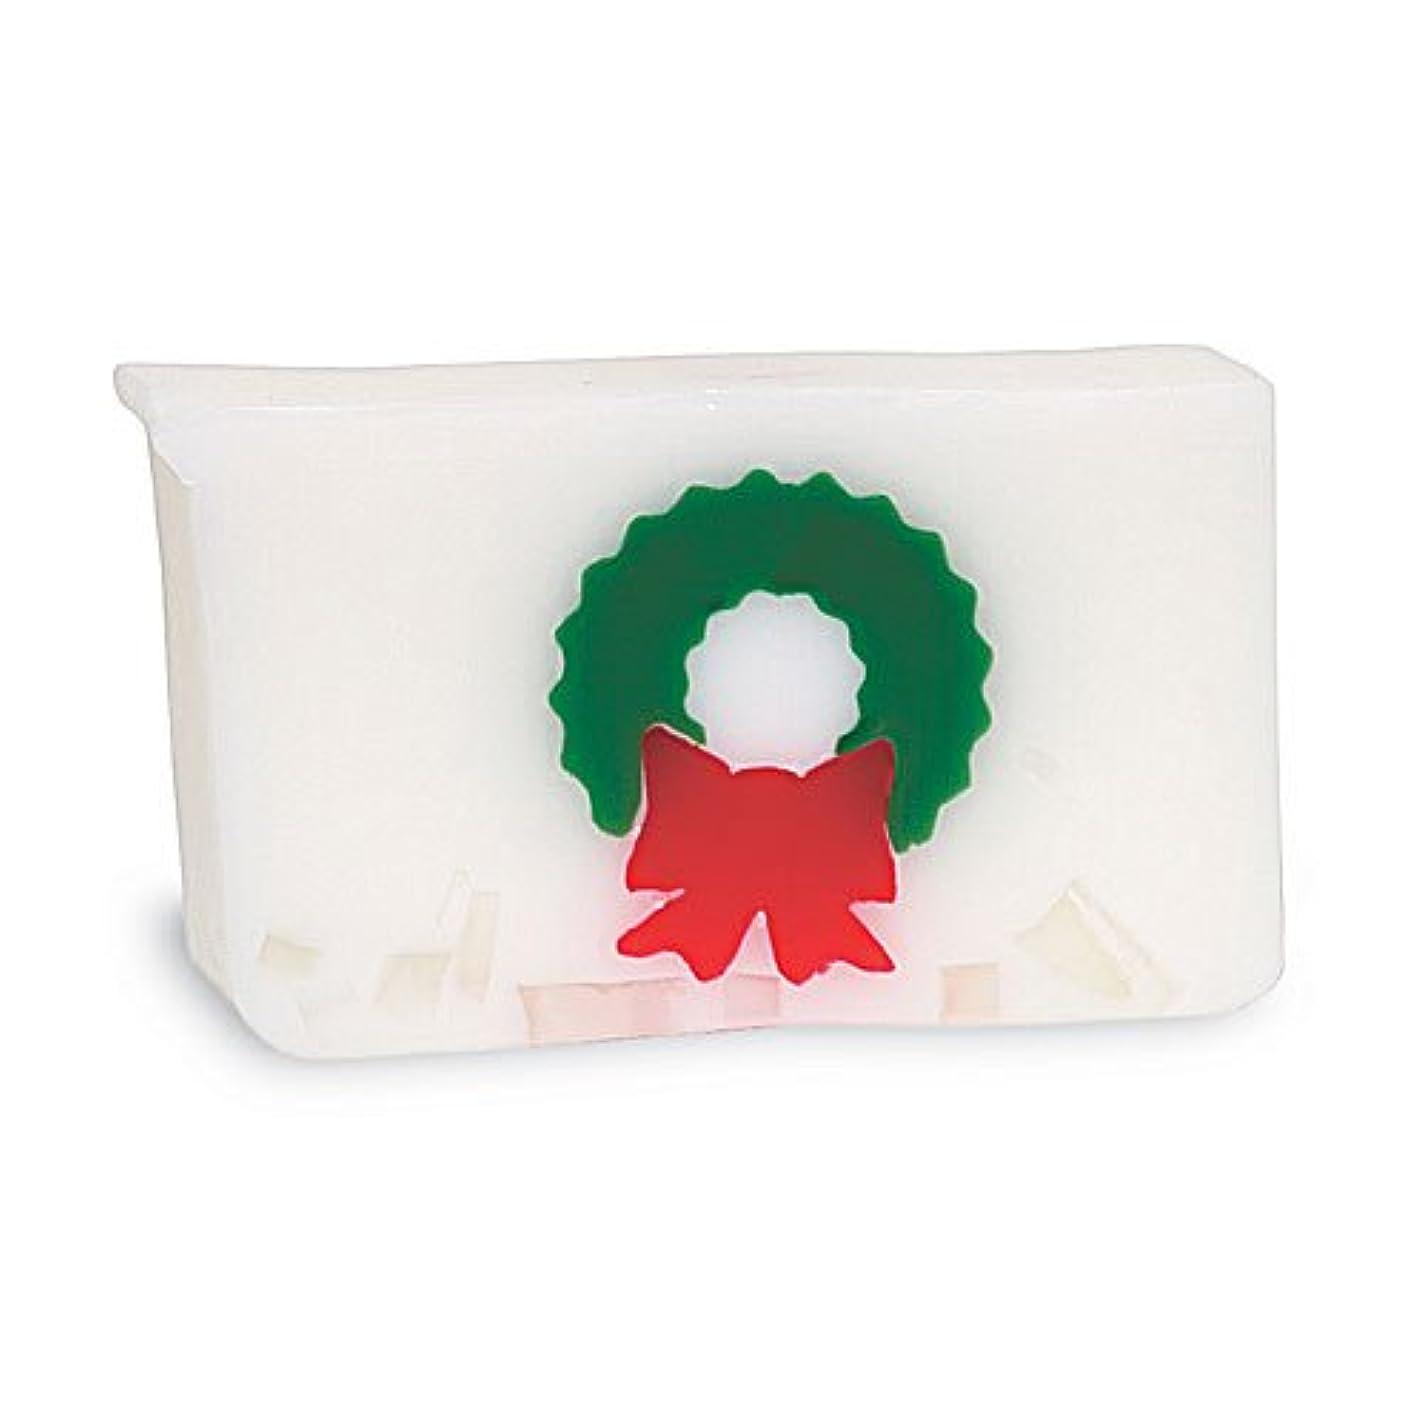 ガイダンス娘一般的なプライモールエレメンツ アロマティック ソープ クリスマスリース 180g 植物性 ナチュラル 石鹸 無添加